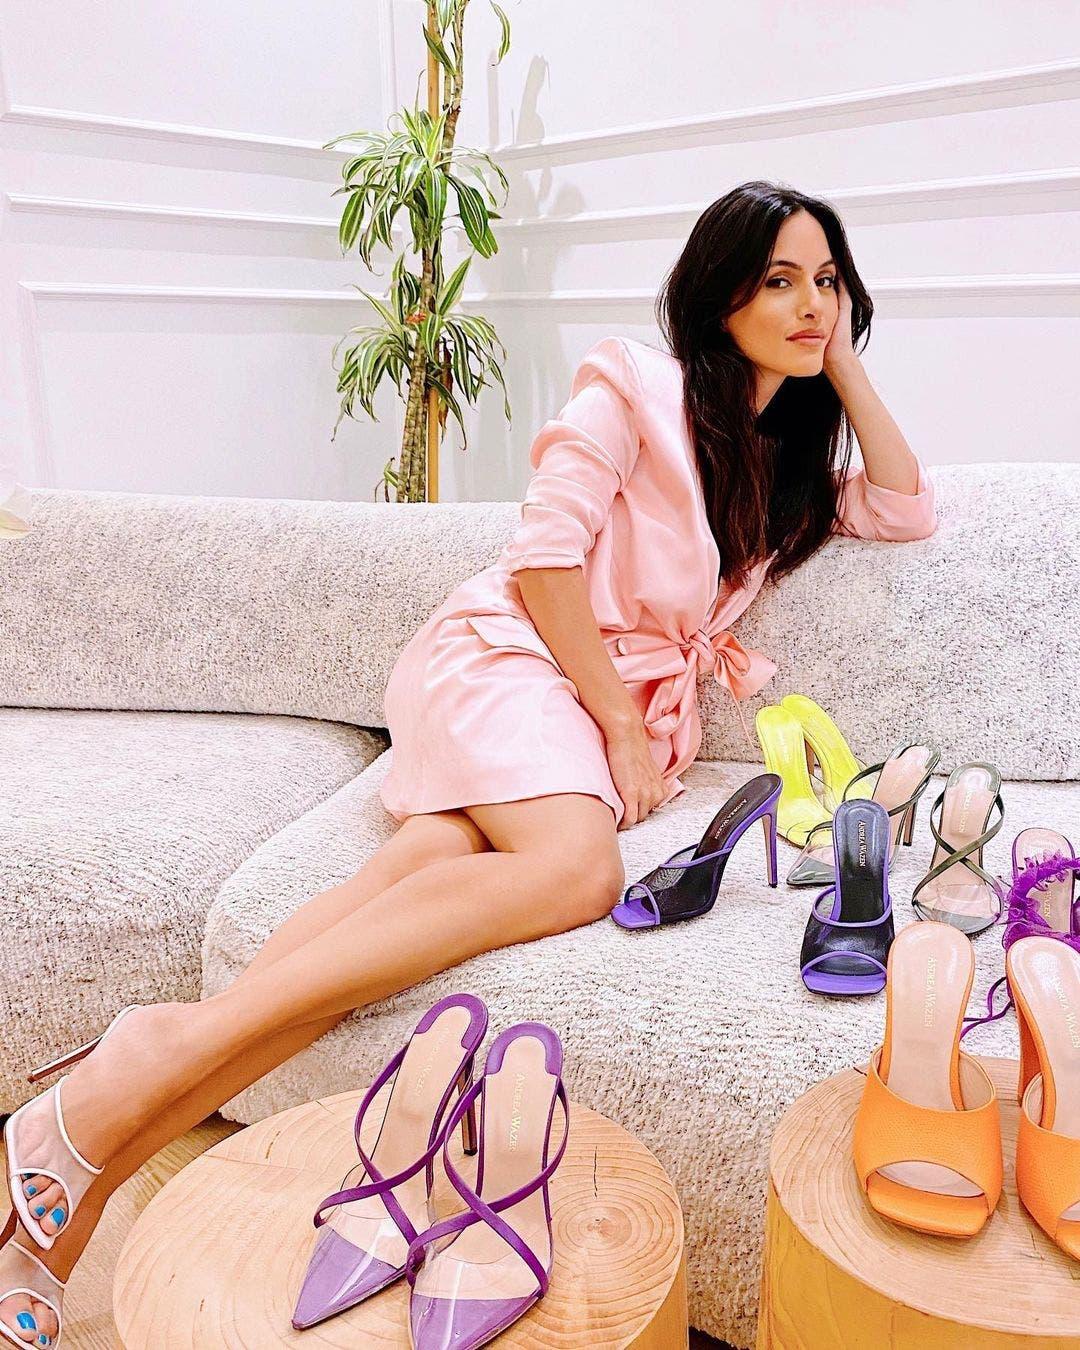 عربيتان تفوزان بجوائز عديدة في تصميم الأحذية - صور2